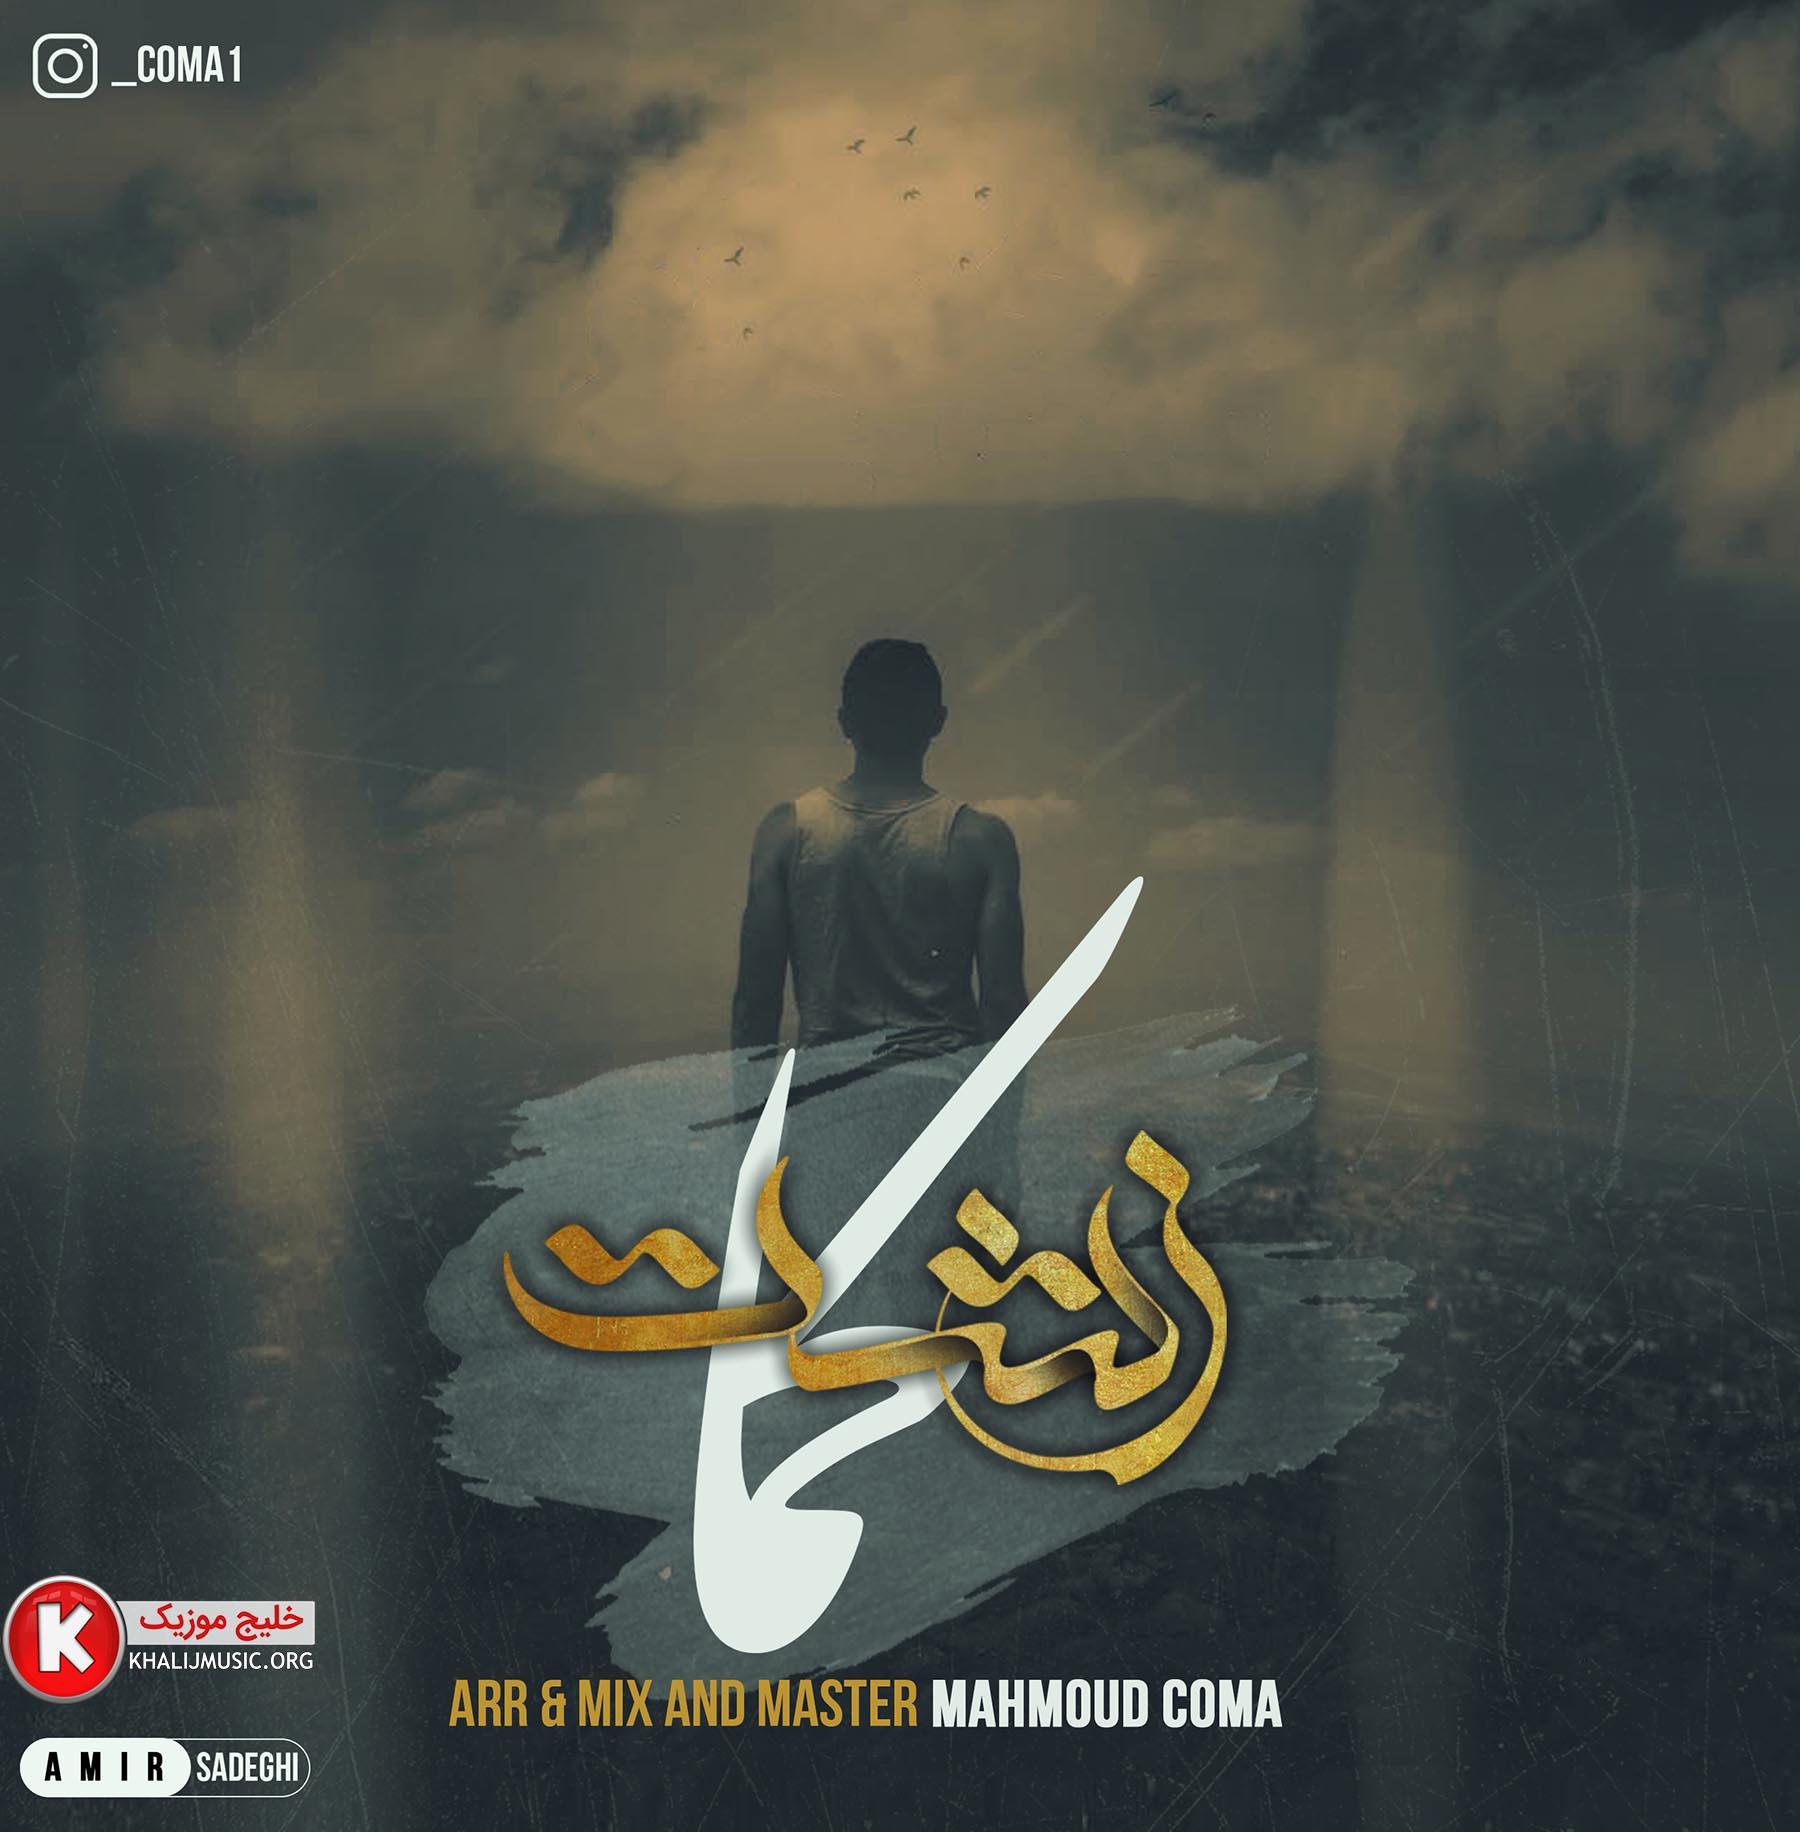 محمود کما آهنگ اجتماعی جدید و بسیار زیبا و شنیدنی بنام زشت